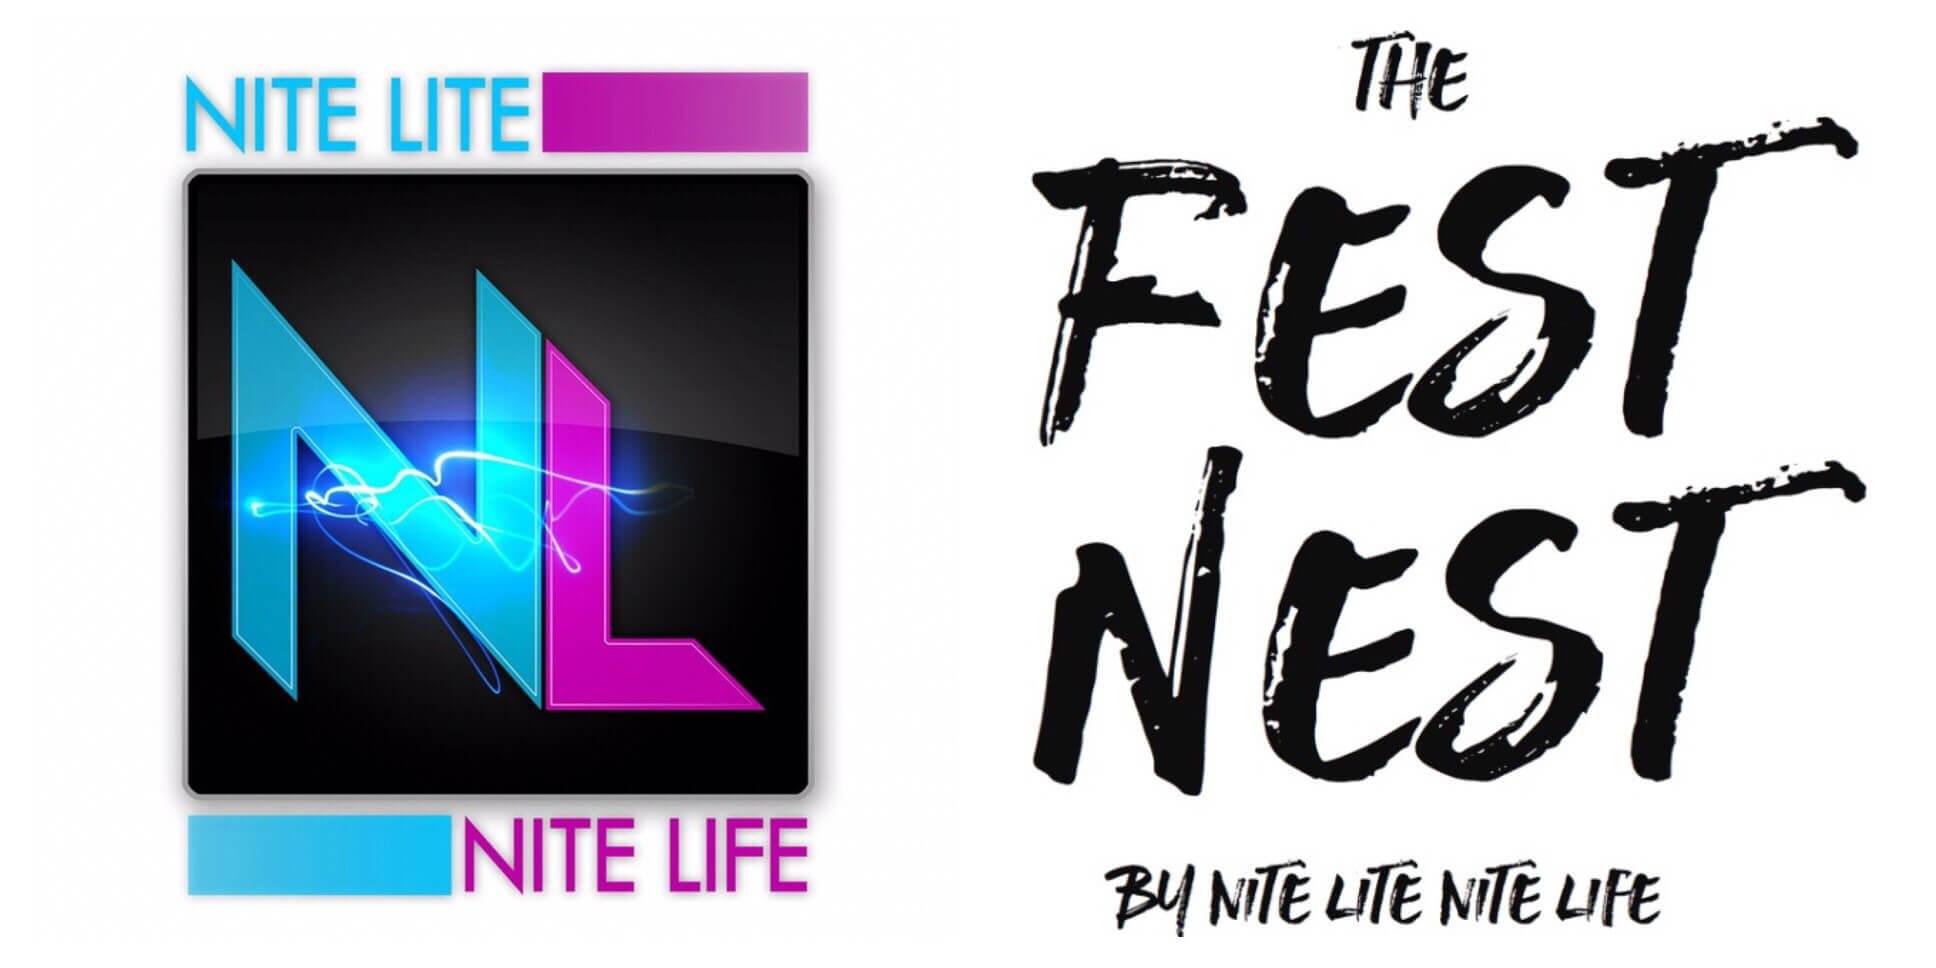 nite lite nite life fest nest